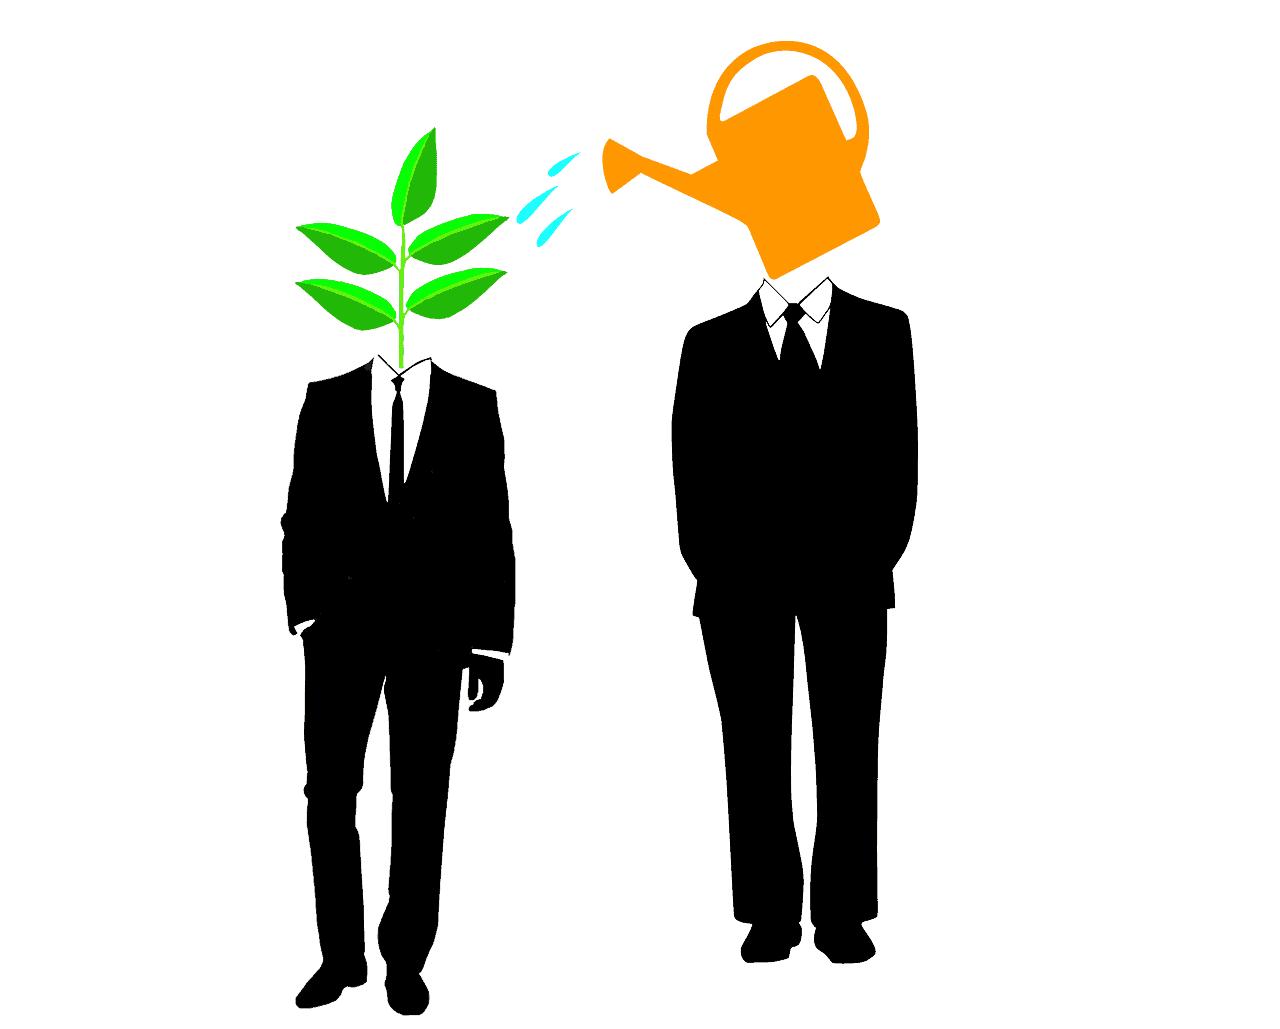 יורם דובובסקי מסביר מהי חברת ייעוץ אסטרטגי